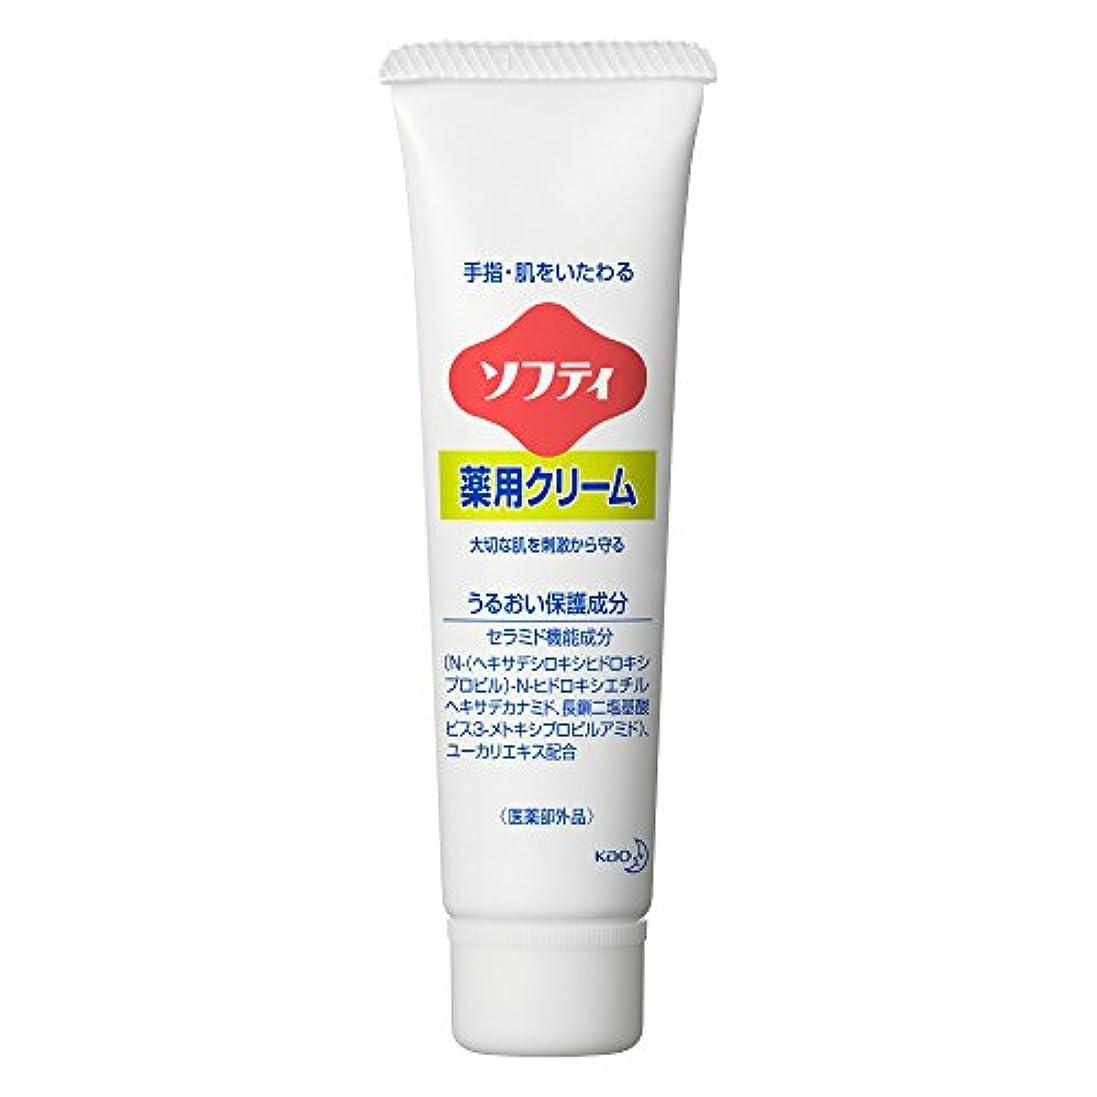 天気四回船酔いソフティ 薬用クリーム 35g (花王プロフェッショナルシリーズ)